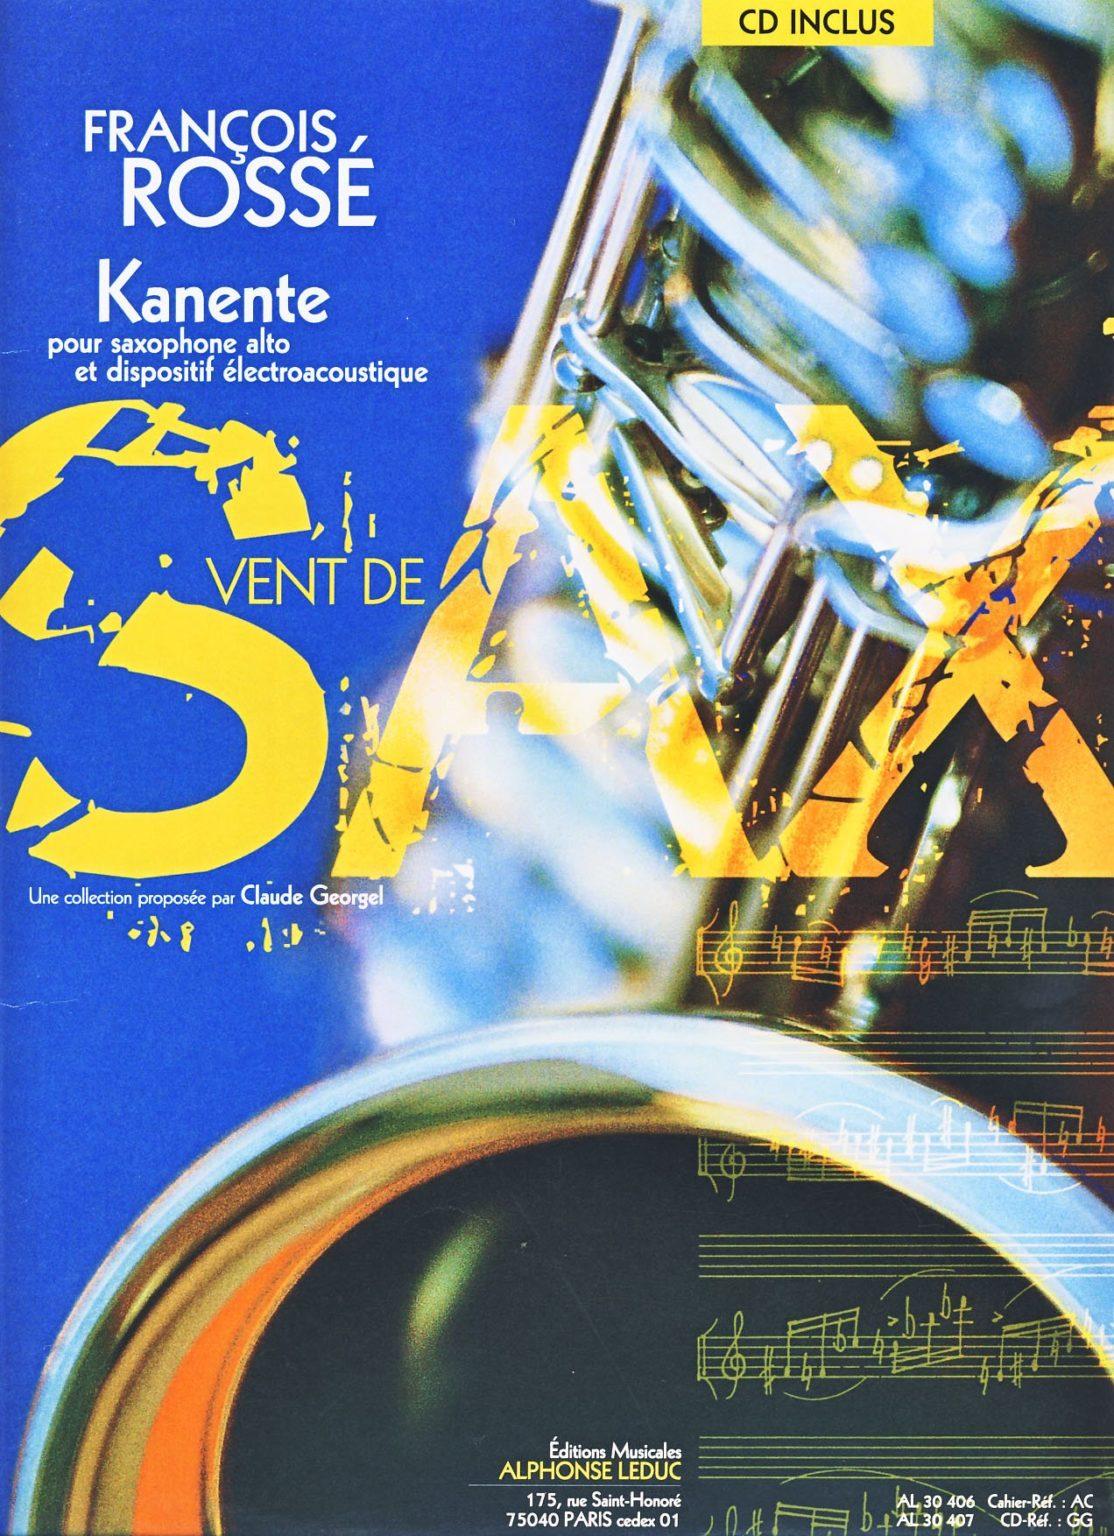 Kanente(1998)para saxofón alto.Francois Rosse